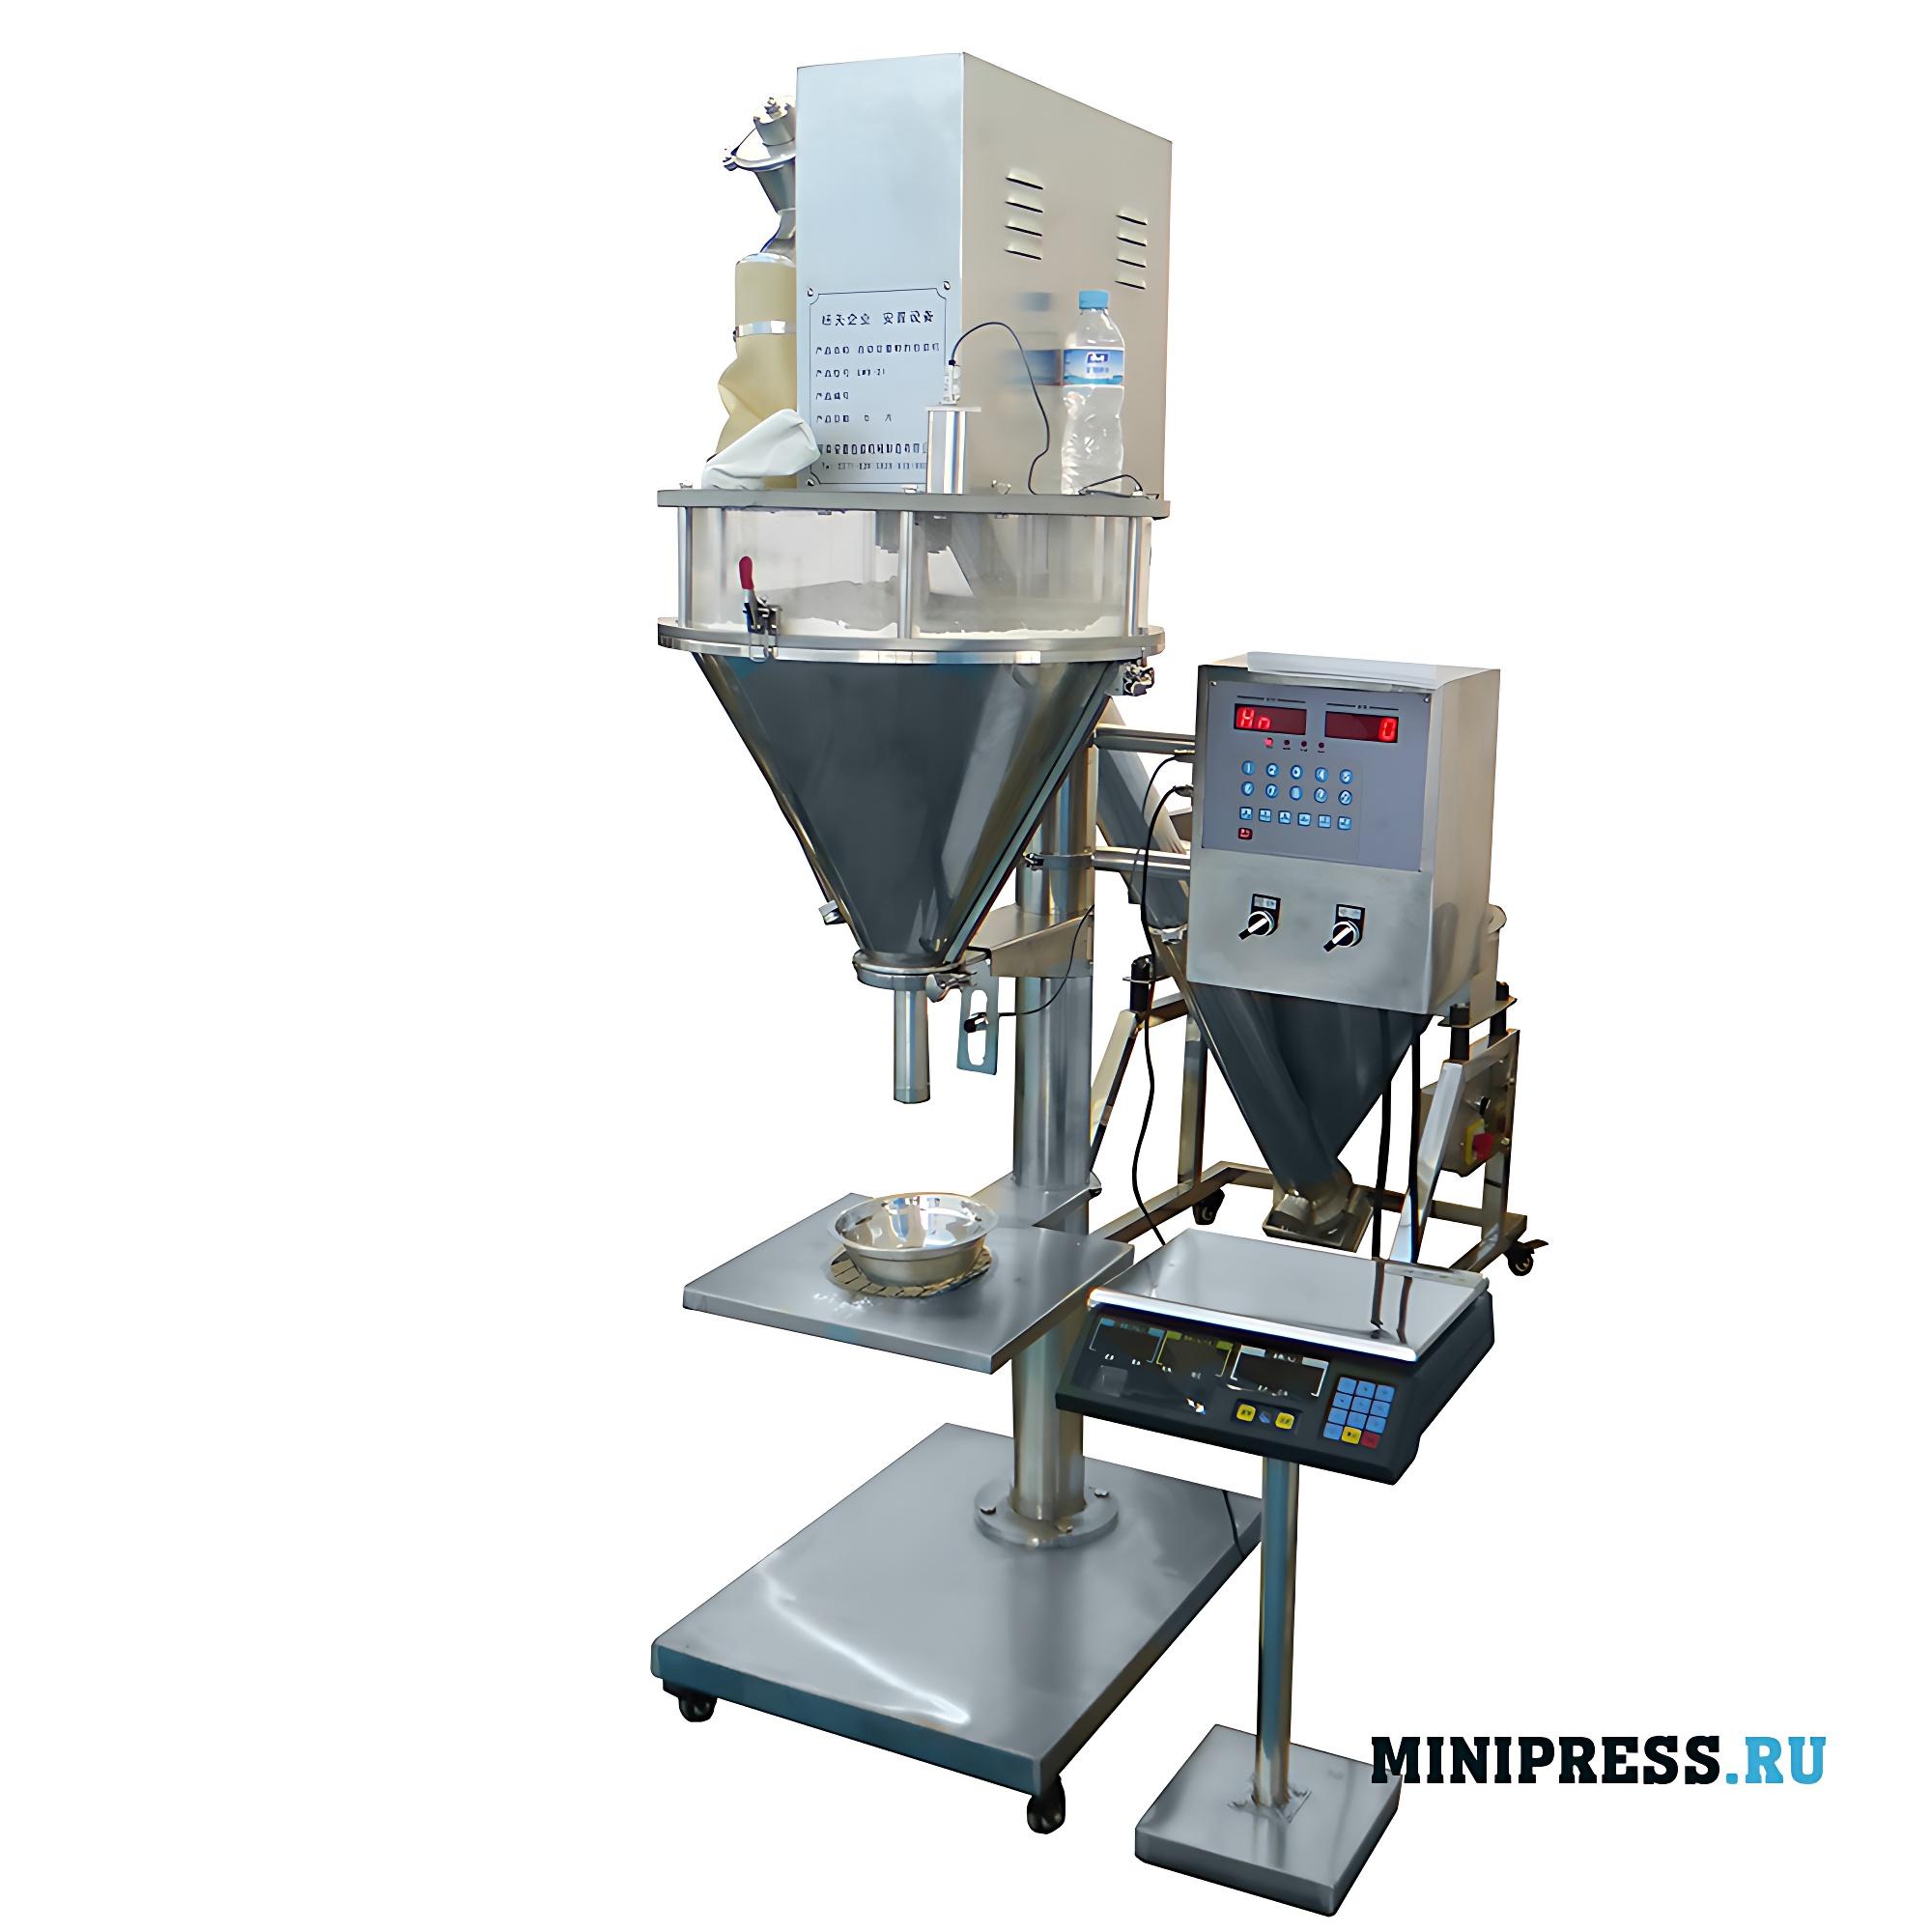 Полуавтоматическая дозирующая машина для шнековой подачи трудносыпучих порошков